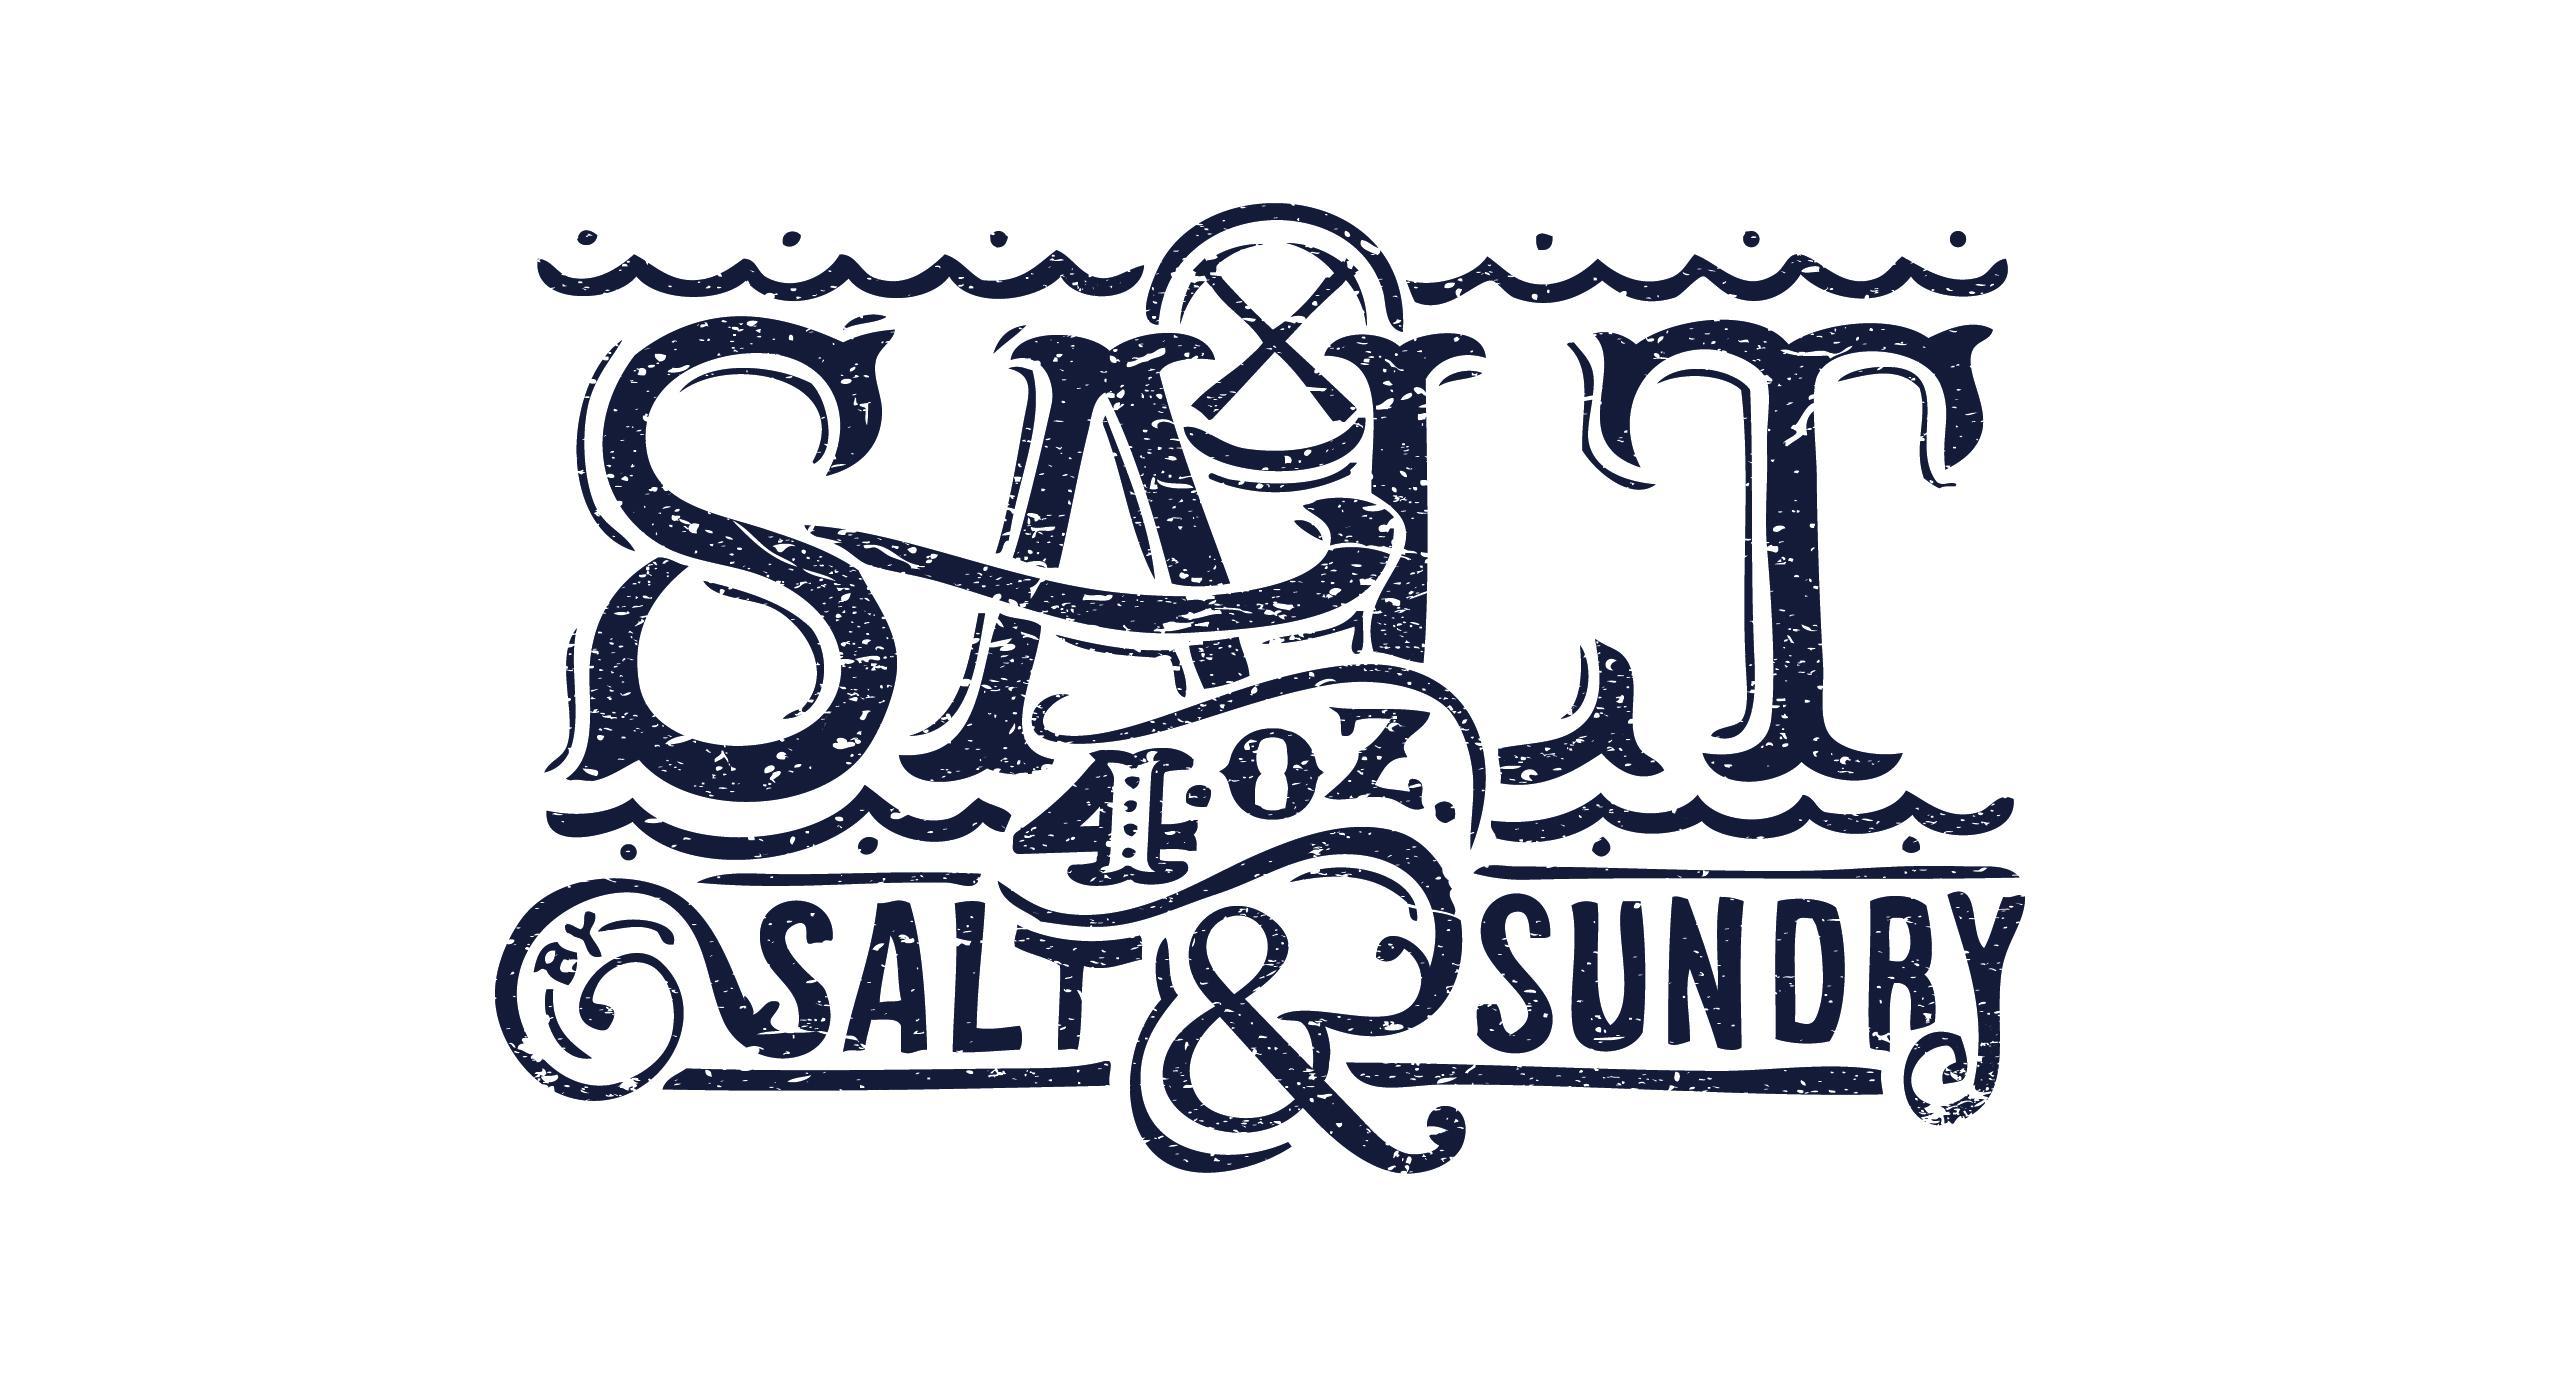 Salt Label - image 4 - student project